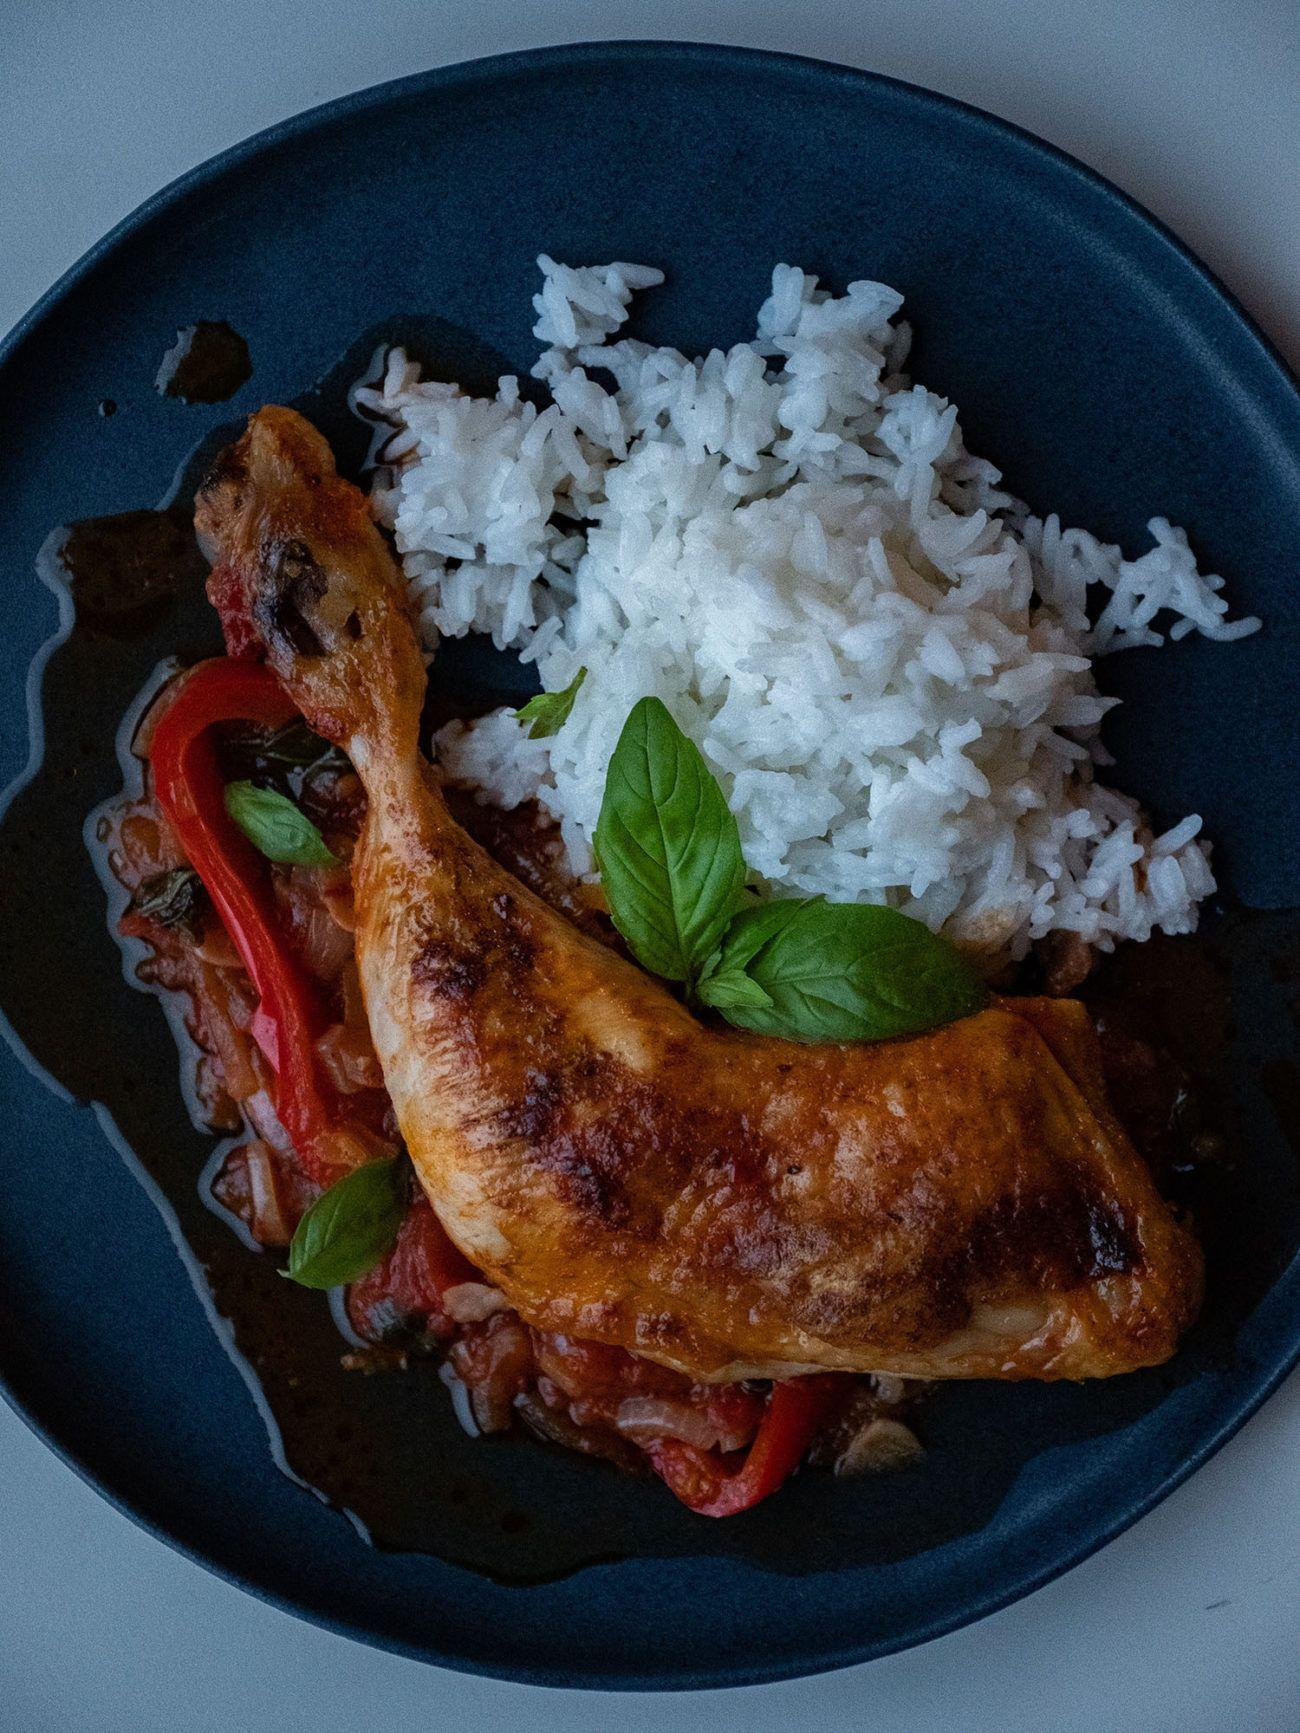 Rezept Hühnchenschenkel in Tomaten Paprika Soße, Reis, Teller, Basilikum